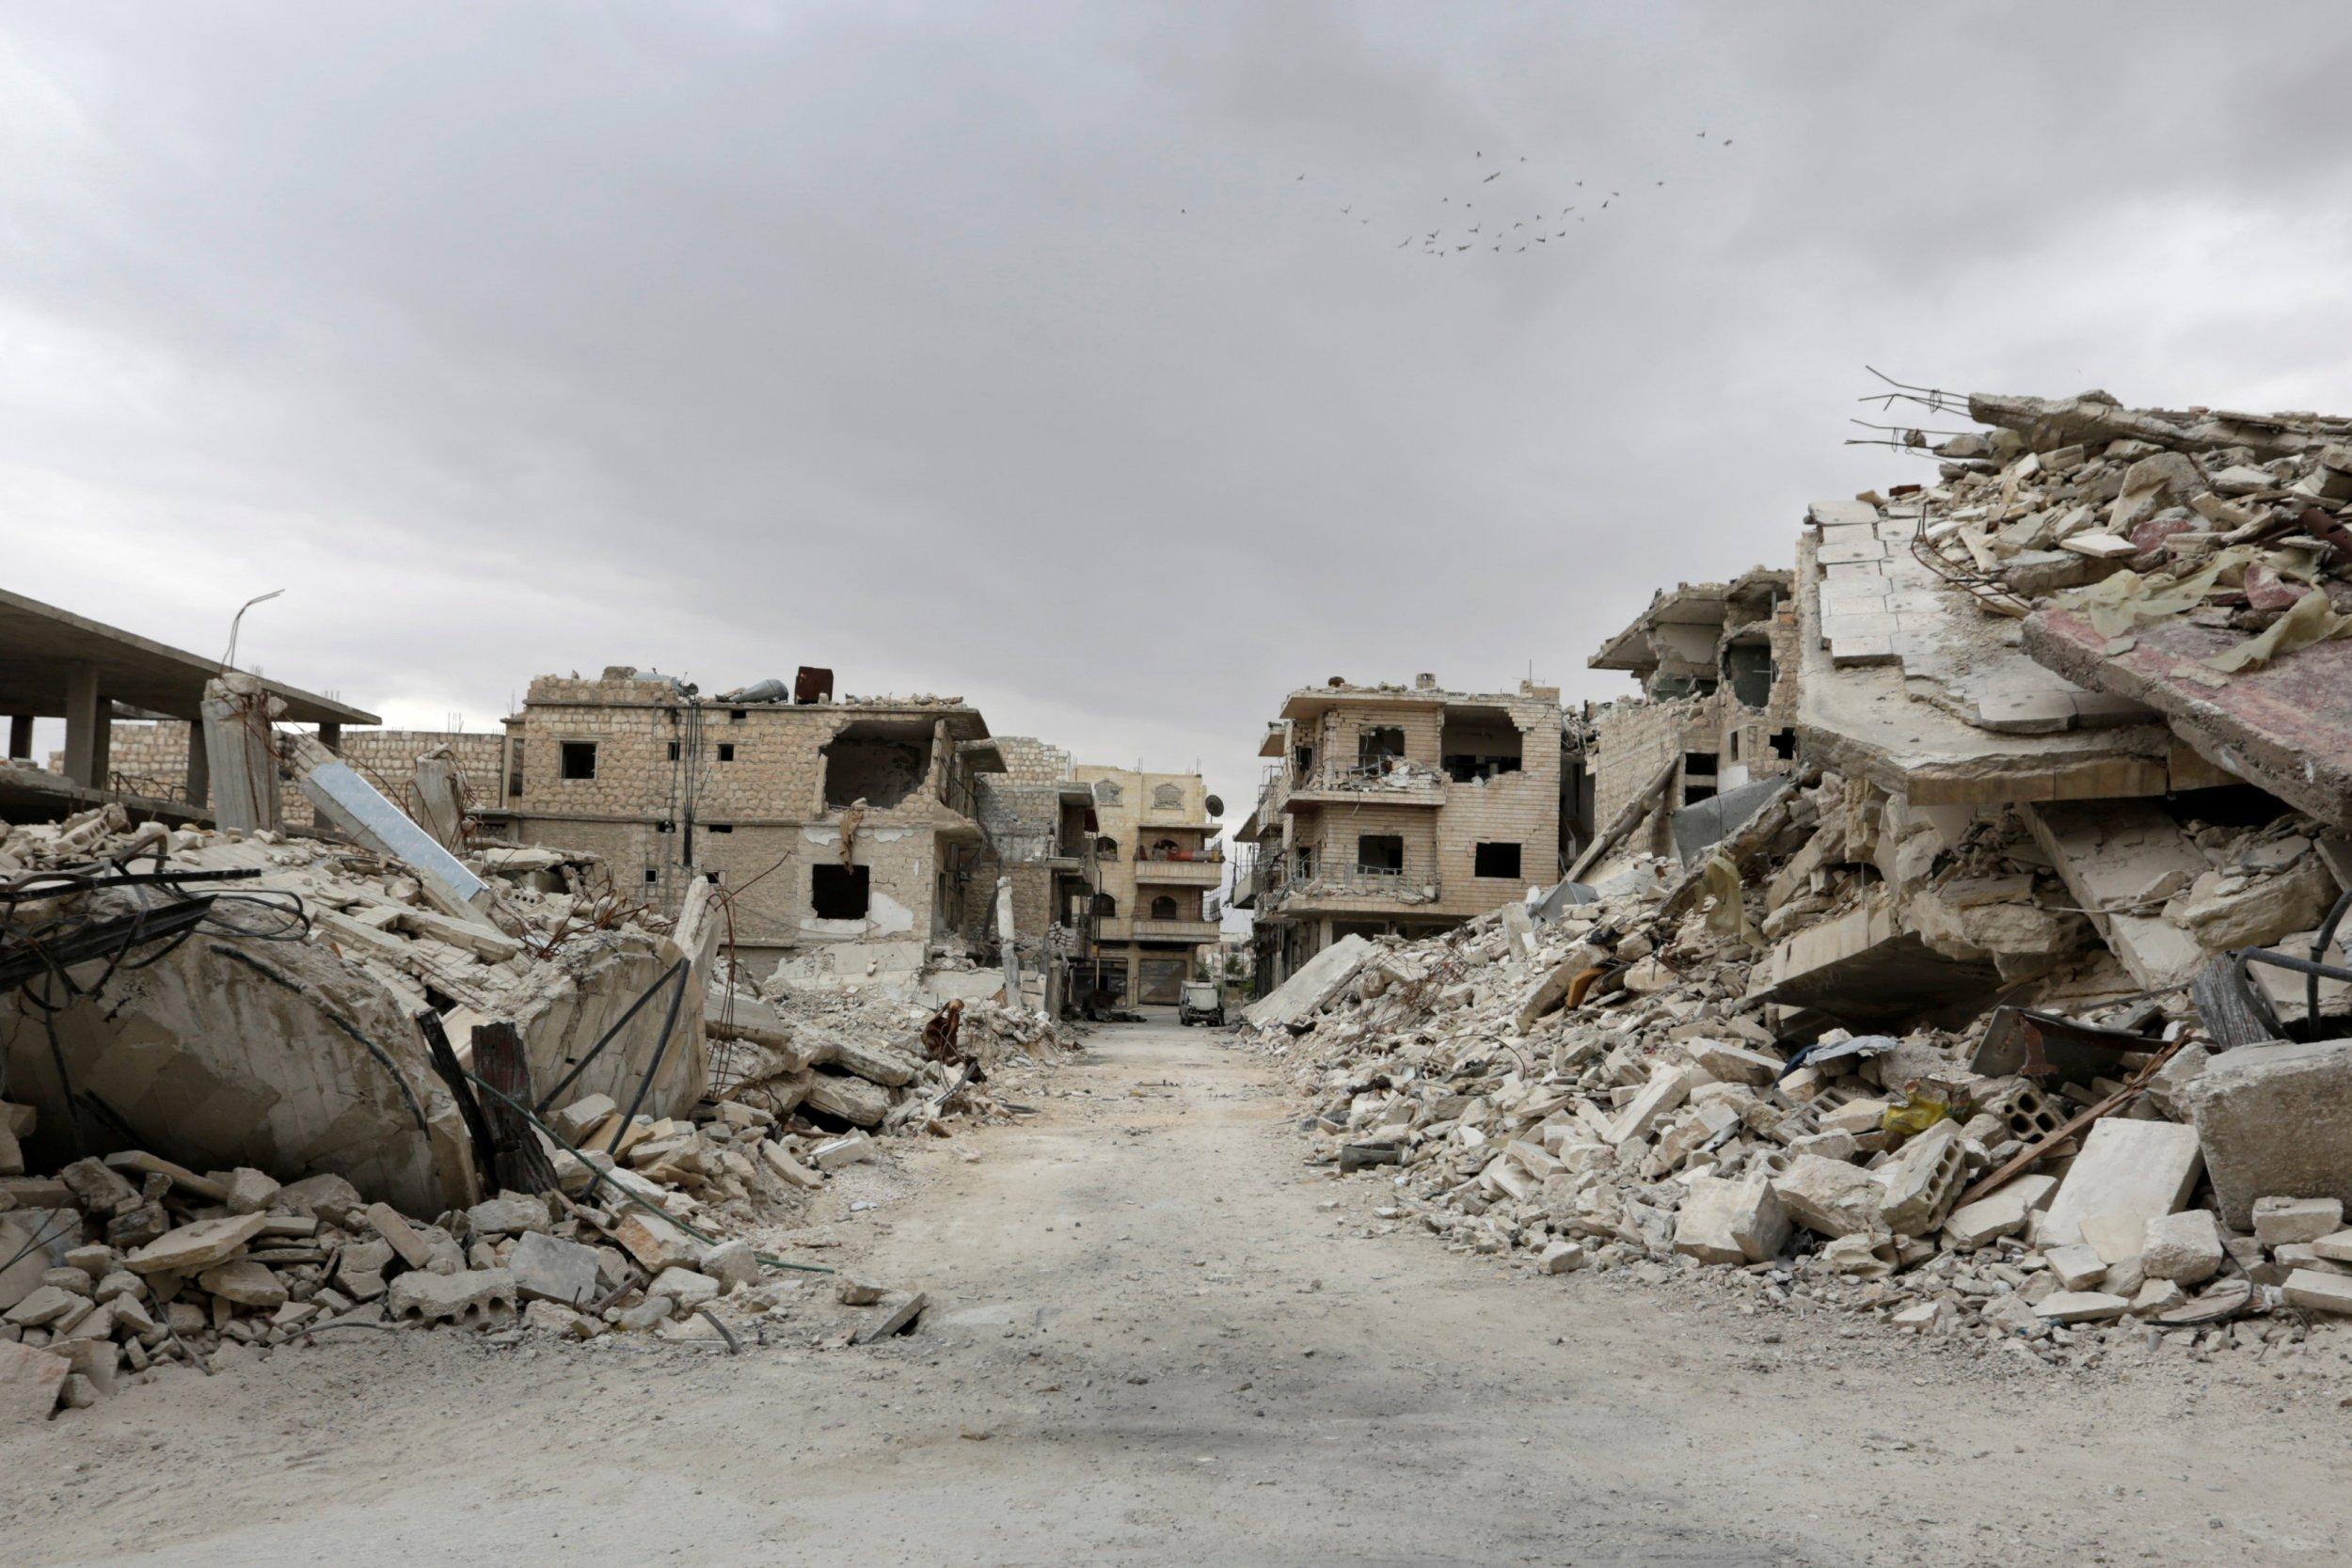 2016-05-23T194026Z_1830729570_S1BETFTGLMAA_RTRMADP_3_MIDEAST-CRISIS-SYRIA